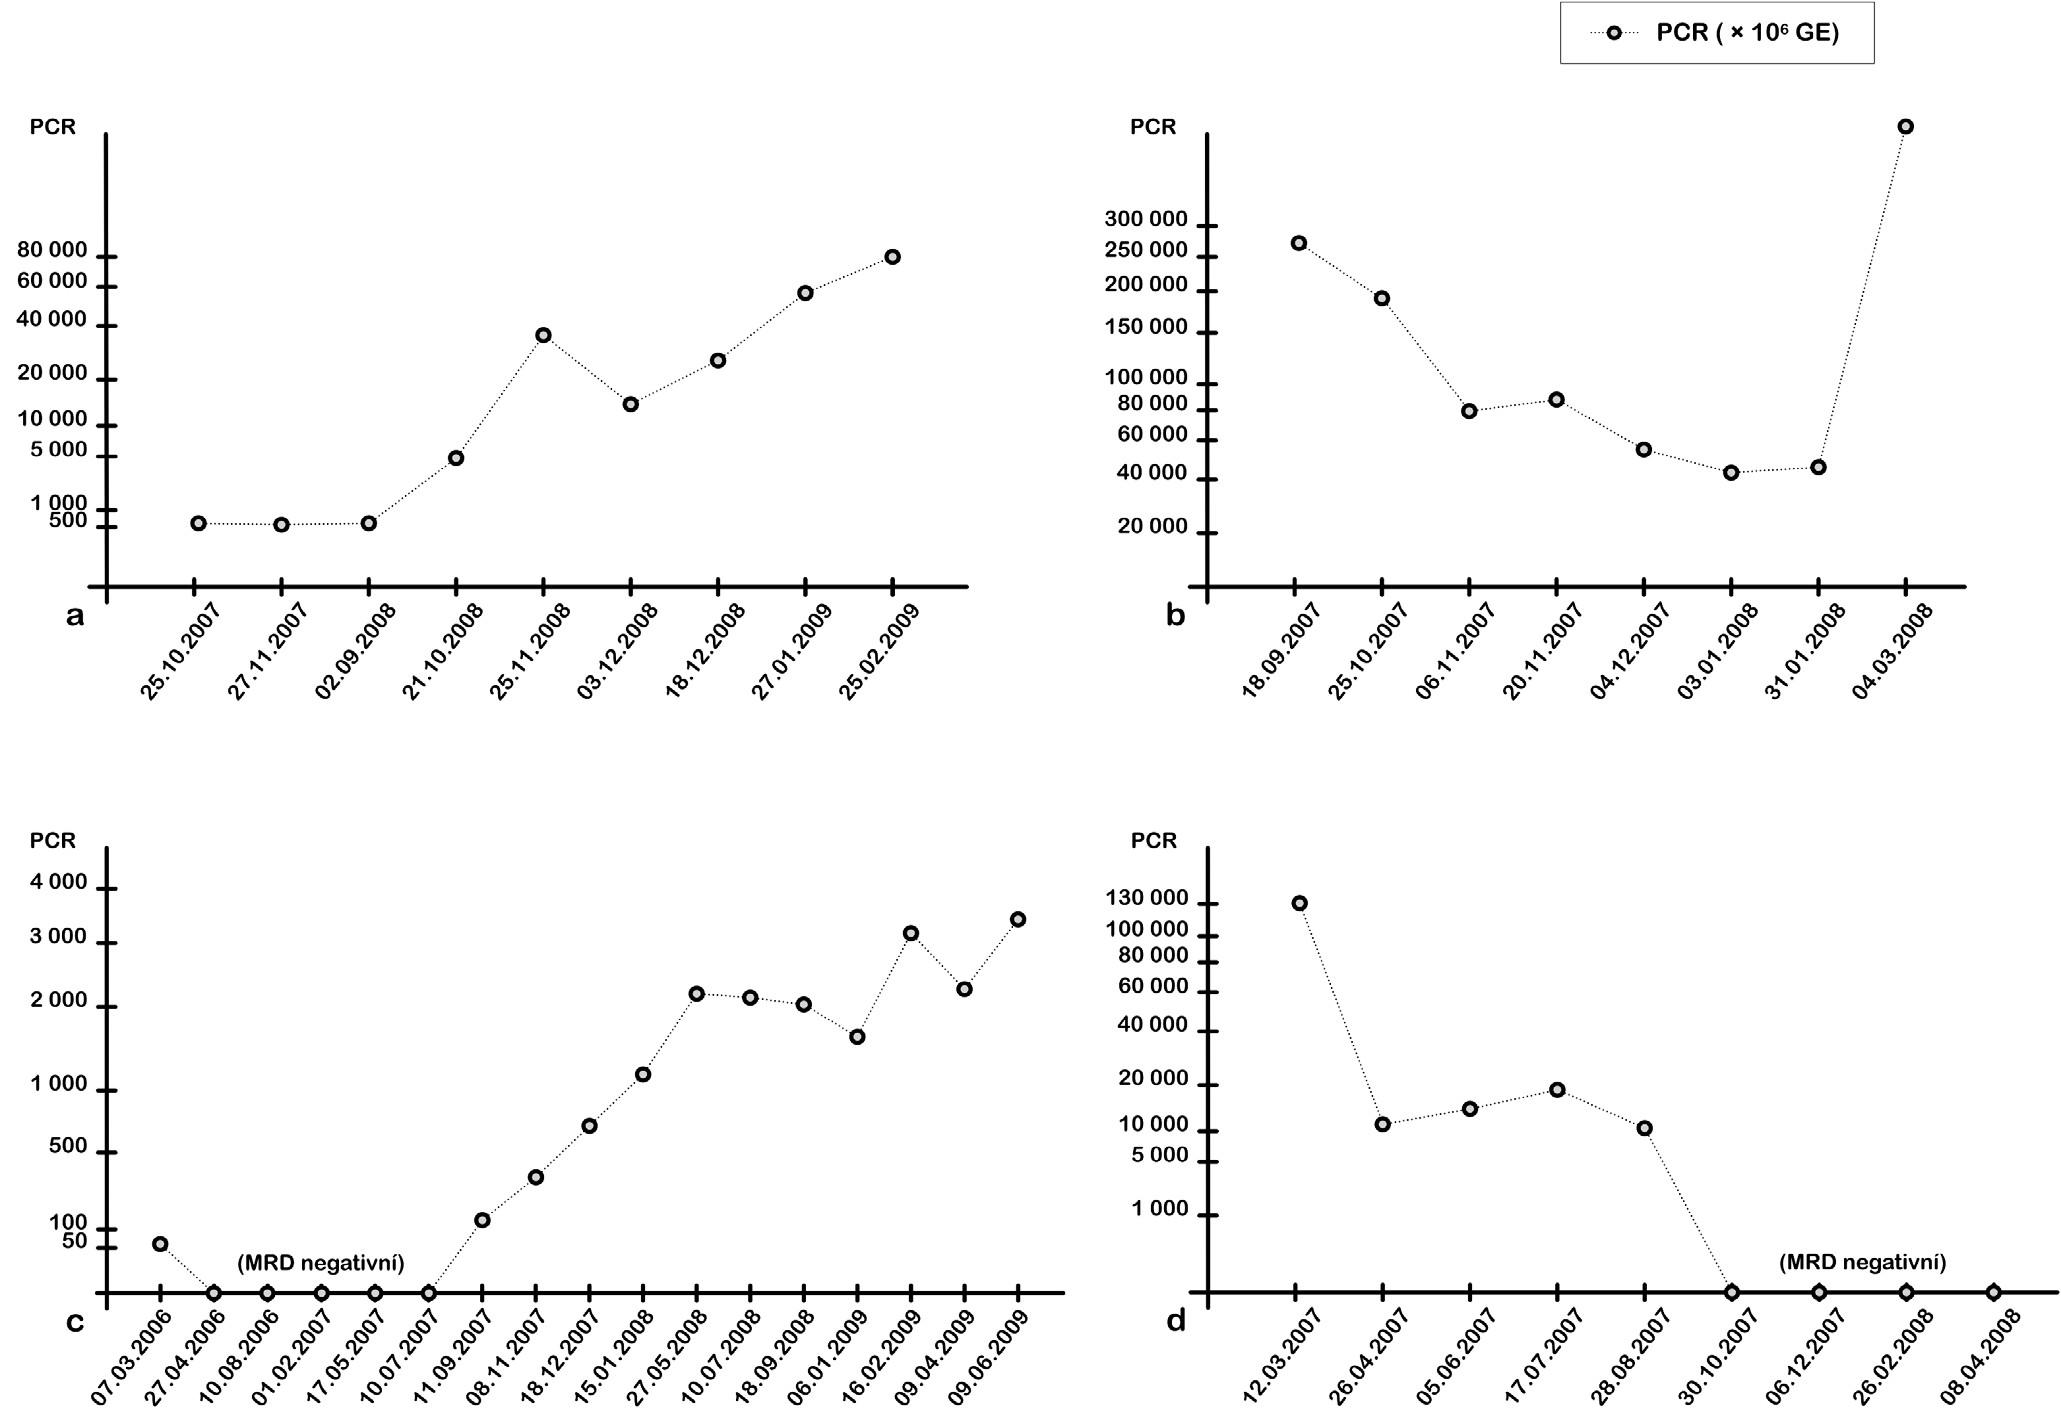 Kinetika detekce MRD pomocí RQ-PCR. a) Pacientka s dg. CLL 3/2005. Po polychemoterapii a biologické léčbě (rituximab, alemtuzumab) dosaženo v 2/2006 parciální remise. Pro alergickou reakci léčba přerušena. V 8/2007 provedena nepříbuzenská alogenní transplantace PBSCT. U pacientky po transplantaci zůstávala na molekulární úrovni detekovatelná hladina MRD, 10/2008 došlo k nárůstu MRD, který je následován 11/2008 i hematologickým relapsem  onemocnění. Následně podání rituximabu ve 4 dávkách. Po krátkodobém poklesu MRD následuje výrazná progrese choroby, Richterův syndrom. b) Pacient s dg. CLL 3/2000. Po polychemoterapii, kortikoterapii a biologické léčbě (rituximab, alemtuzumab) indikována příbuzenská alogenní transplantace PBSCT (8/2007). Engraftment štěpu byl uspokojivý a rychlý, ale nebylo dosaženo remise onemocnění. Přetrvával smíšený chimérismus, RQ-PCR pozitivita a pozitivní MRD dle FCM. Nárůst buněk nádorového klonu CLL byl prokázán metodou RQ-PCR i FCM. Pacient zemřel v 3/2008, podle FCM na akutní prekurzorovou B-ALL. c) Pacient s dg. CLL 12/2000.V 11/2005 proběhla nepříbuzenská alogenní transplantace PBSCT. Dosaženo kompletní remise, která dlouhodobě přetrvává. Pacient bez známek GVHD. 11/2007 pomocí RQ-PCR detekován opětovný nárůst počtu buněk nádorového klonu CLL. 6/2009 hematologický relaps onemocnění. d) Pacient s dg. CLL 4/1999. Po terapii B-CLL u pacienta došlo k rozvoji sekundární AML (10/2006), vývoj ze sek. MDS dg. 7/2006. V 2/2007 proběhla nepříbuzenská alogenní transplantace PBSCT. Molekulární monitoring specifického nádorového klonu umožnil detekci buněk CLL po transplantaci, postupně dosaženo remise CLL na molekulární úrovni. Hodnoty jsou vyjádřeny jako počet buněk nádorového klonu CLL z jednoho milionu leukocytů. Pro přehlednost byla vybrána k prezentaci jen část sledovaných hodnot, které kopírují celkový trend průběhu MRD.